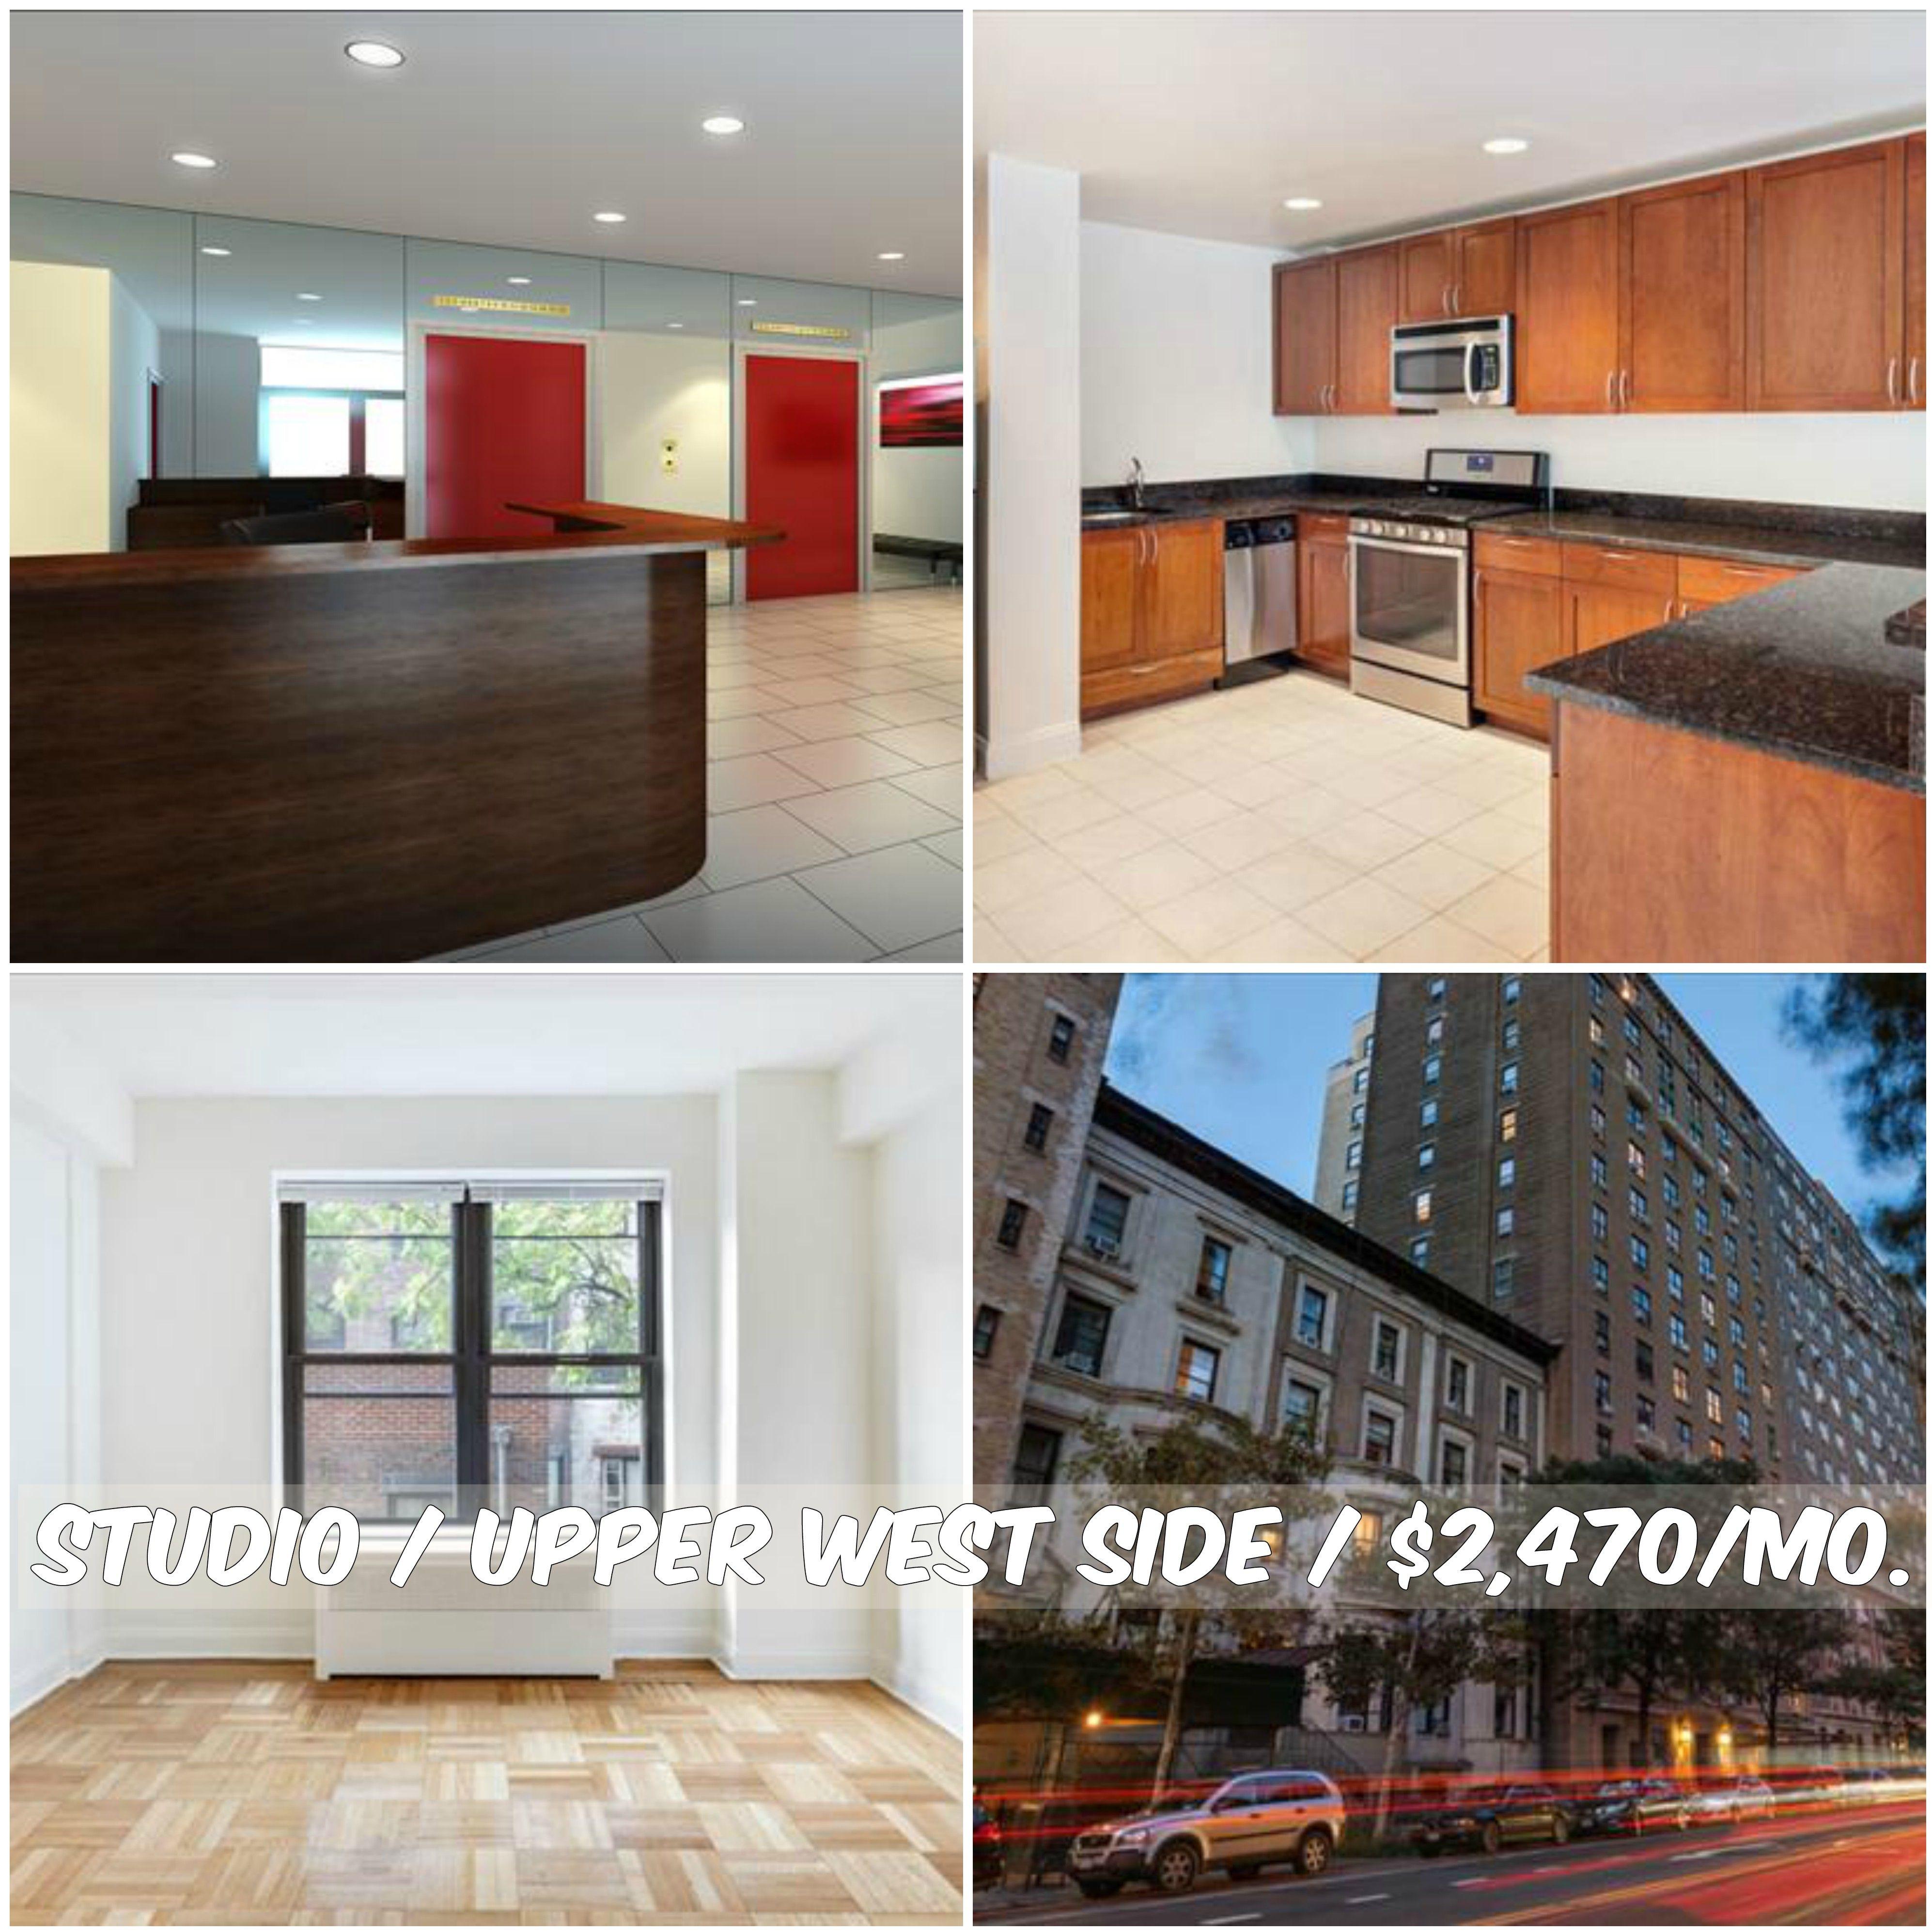 Studio Apt For Rent In Upper West Side At 2 470 Mo Doorman